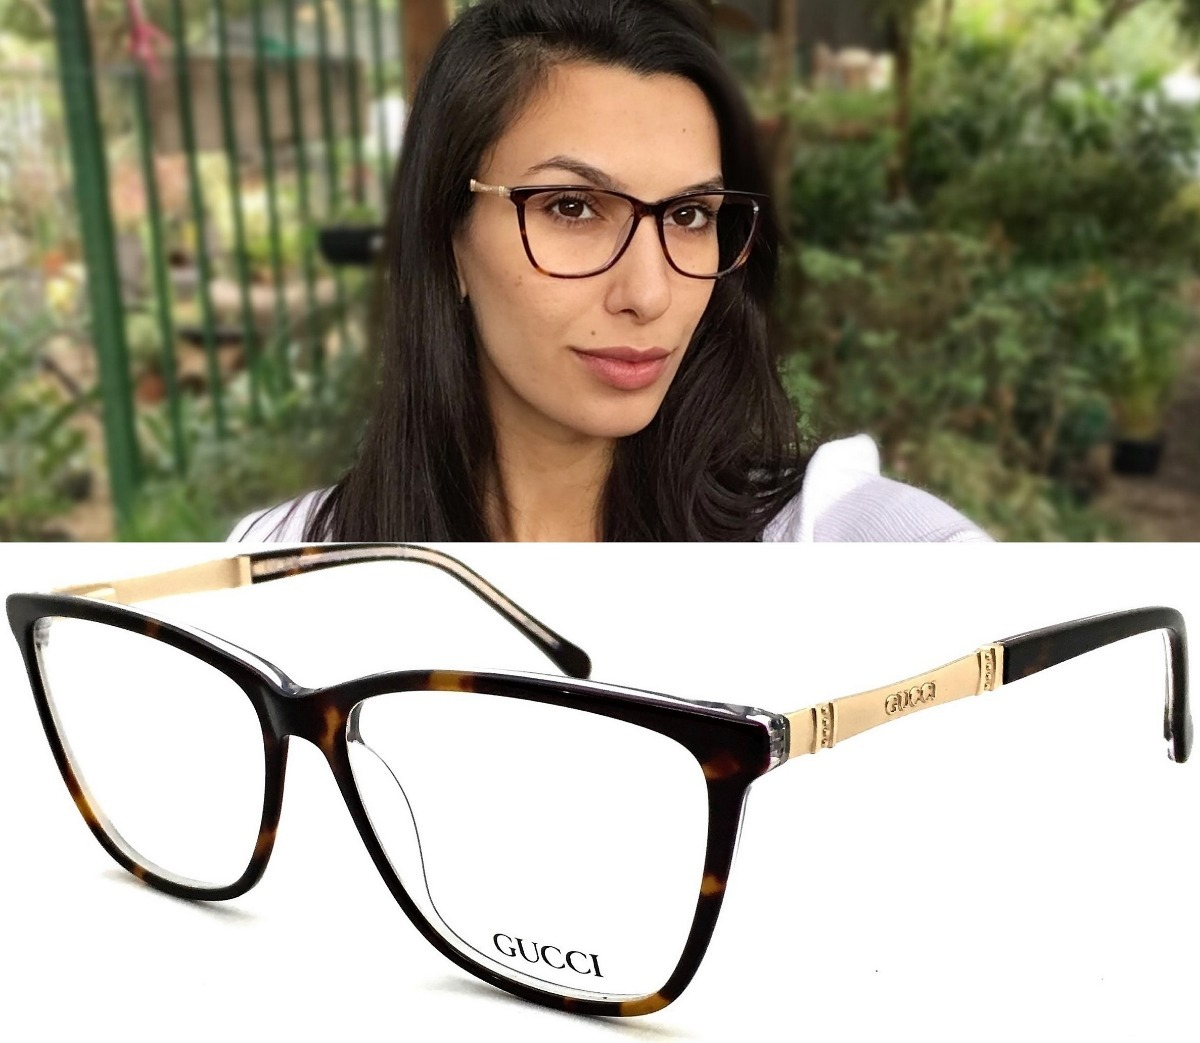 bda5f43b45ad6 ... 53f4ee86630 armação oculos grau gatinho gucci gg1039 original feminino.  Carregando zoom. ...